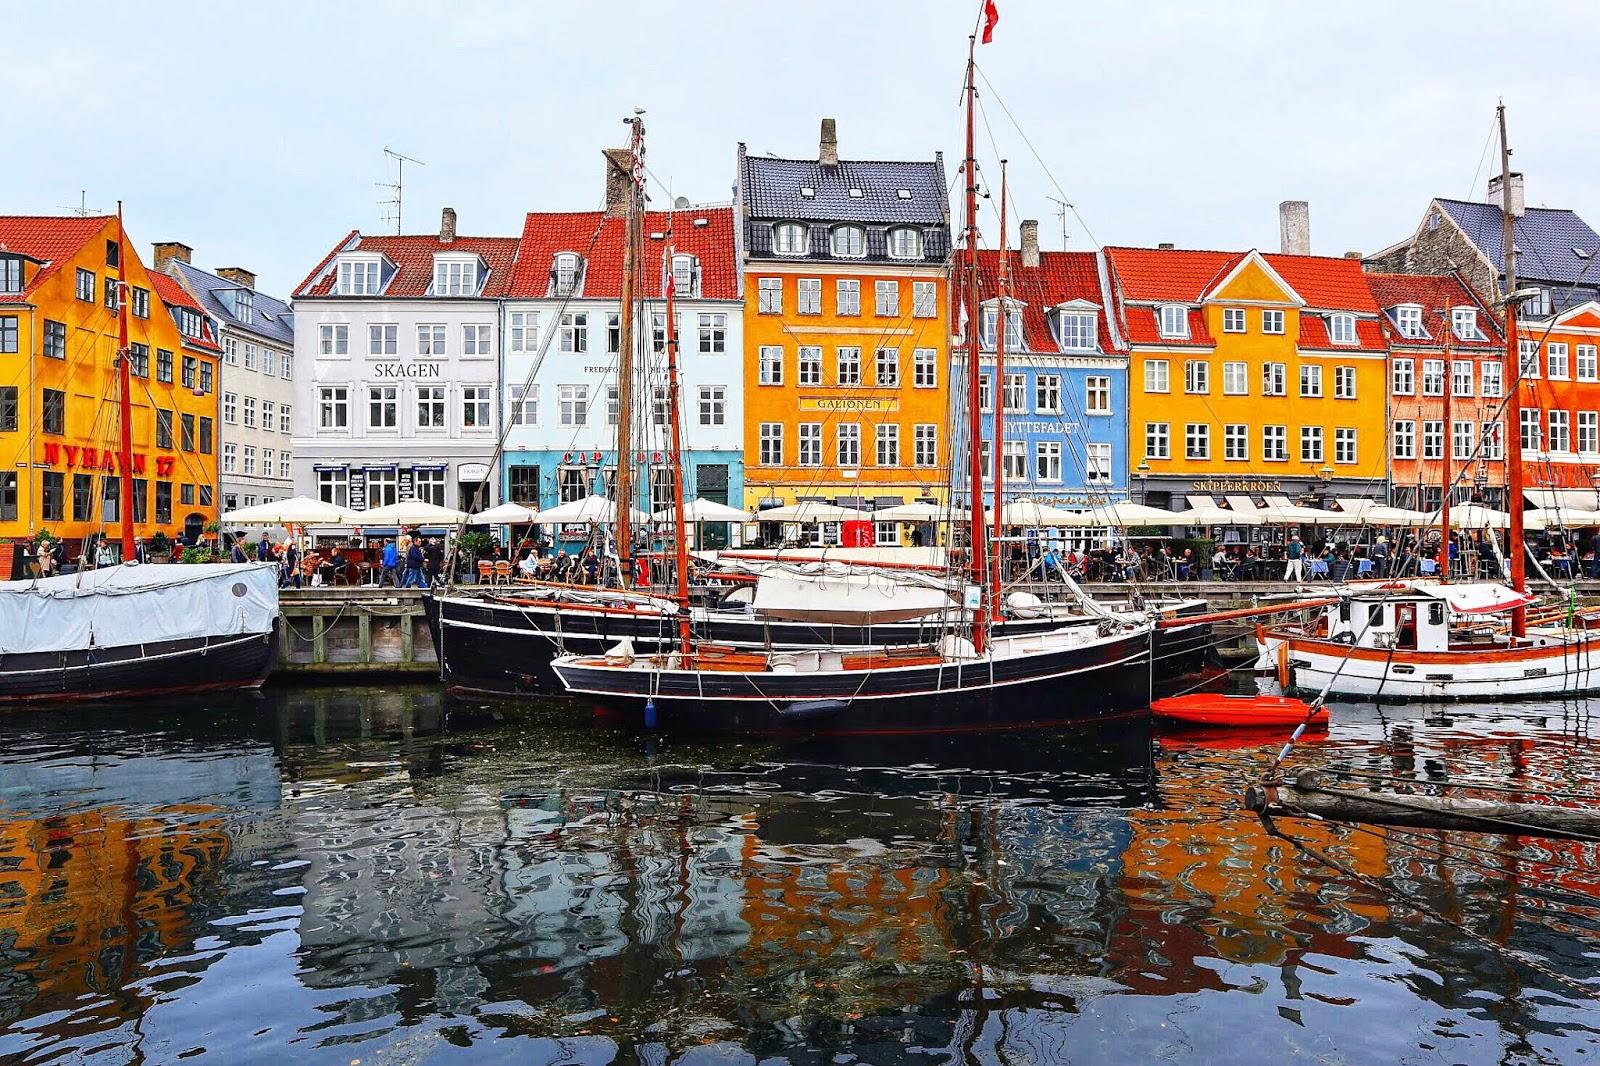 Nyhavn in Copenhagen bloggers